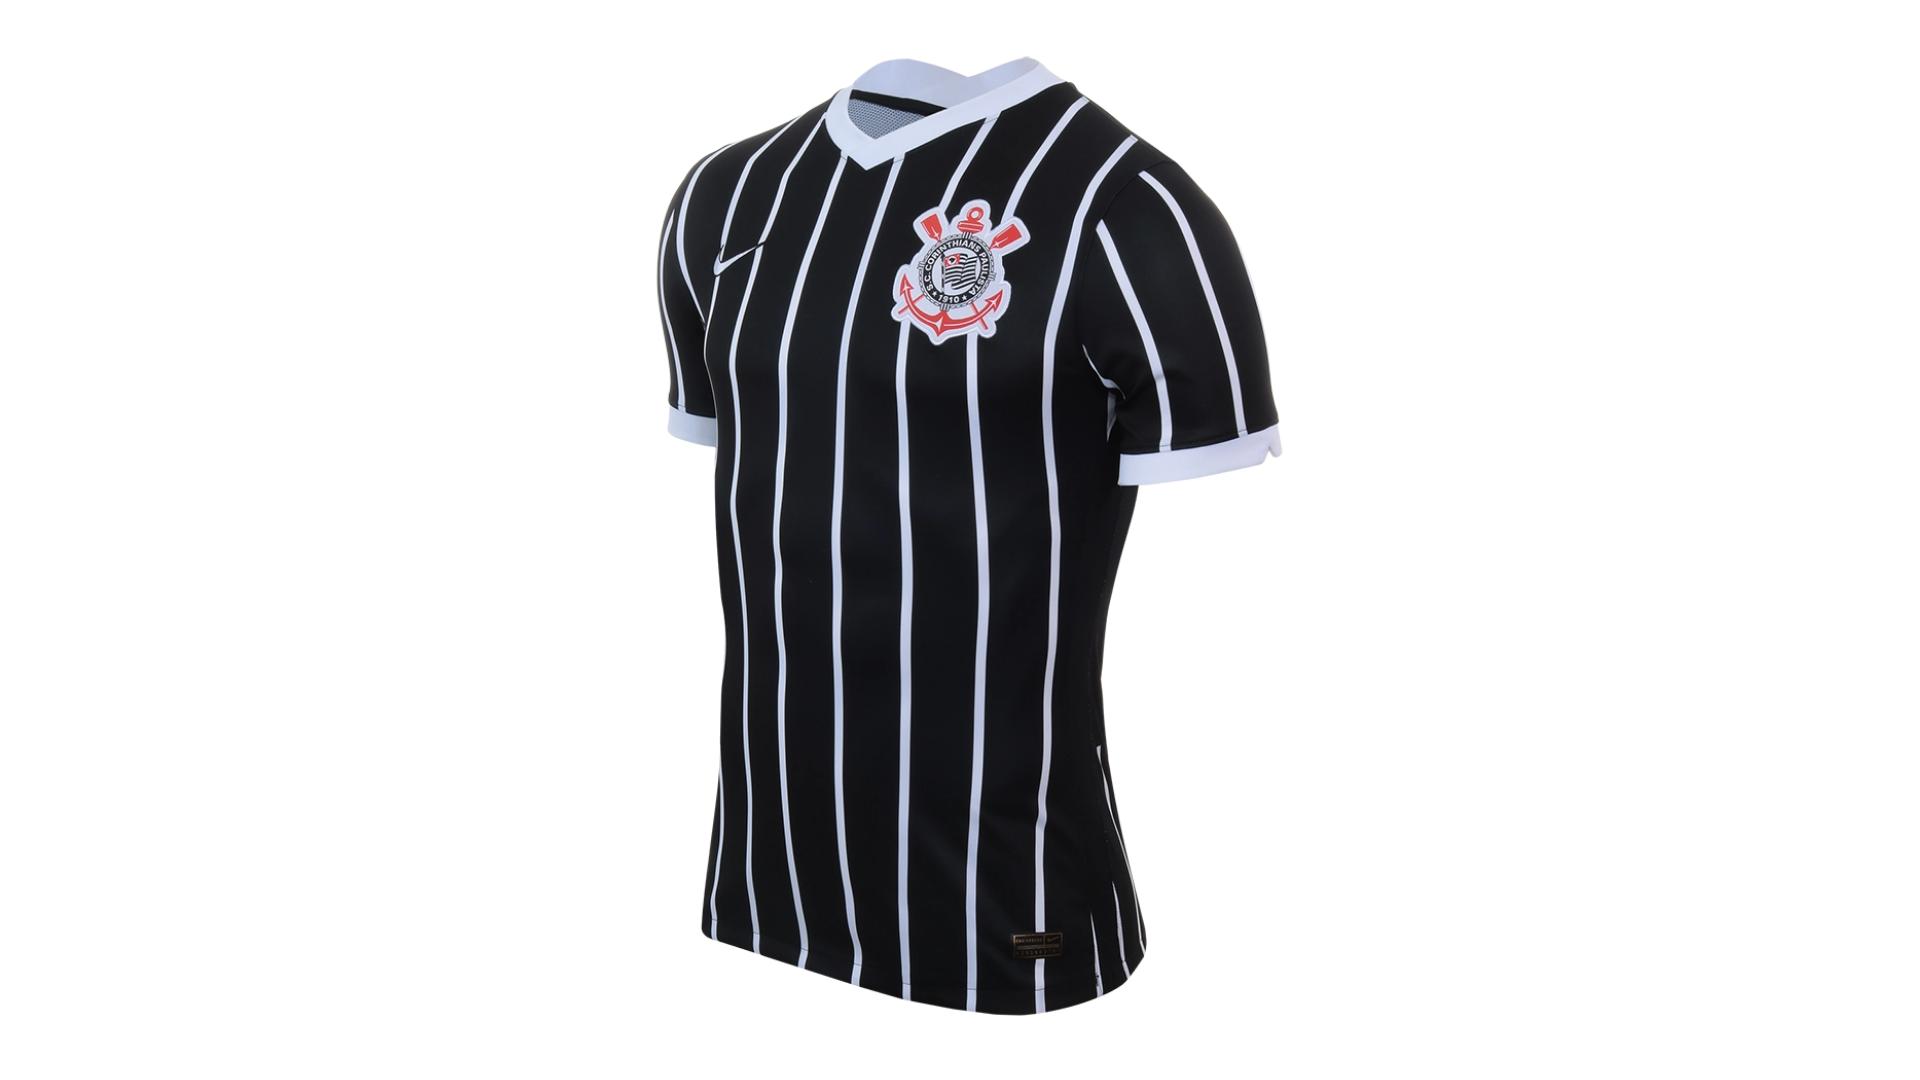 Camisa do Corinthians 2020 Nike Jogo 2 (Imagem: Divulgação/Nike)